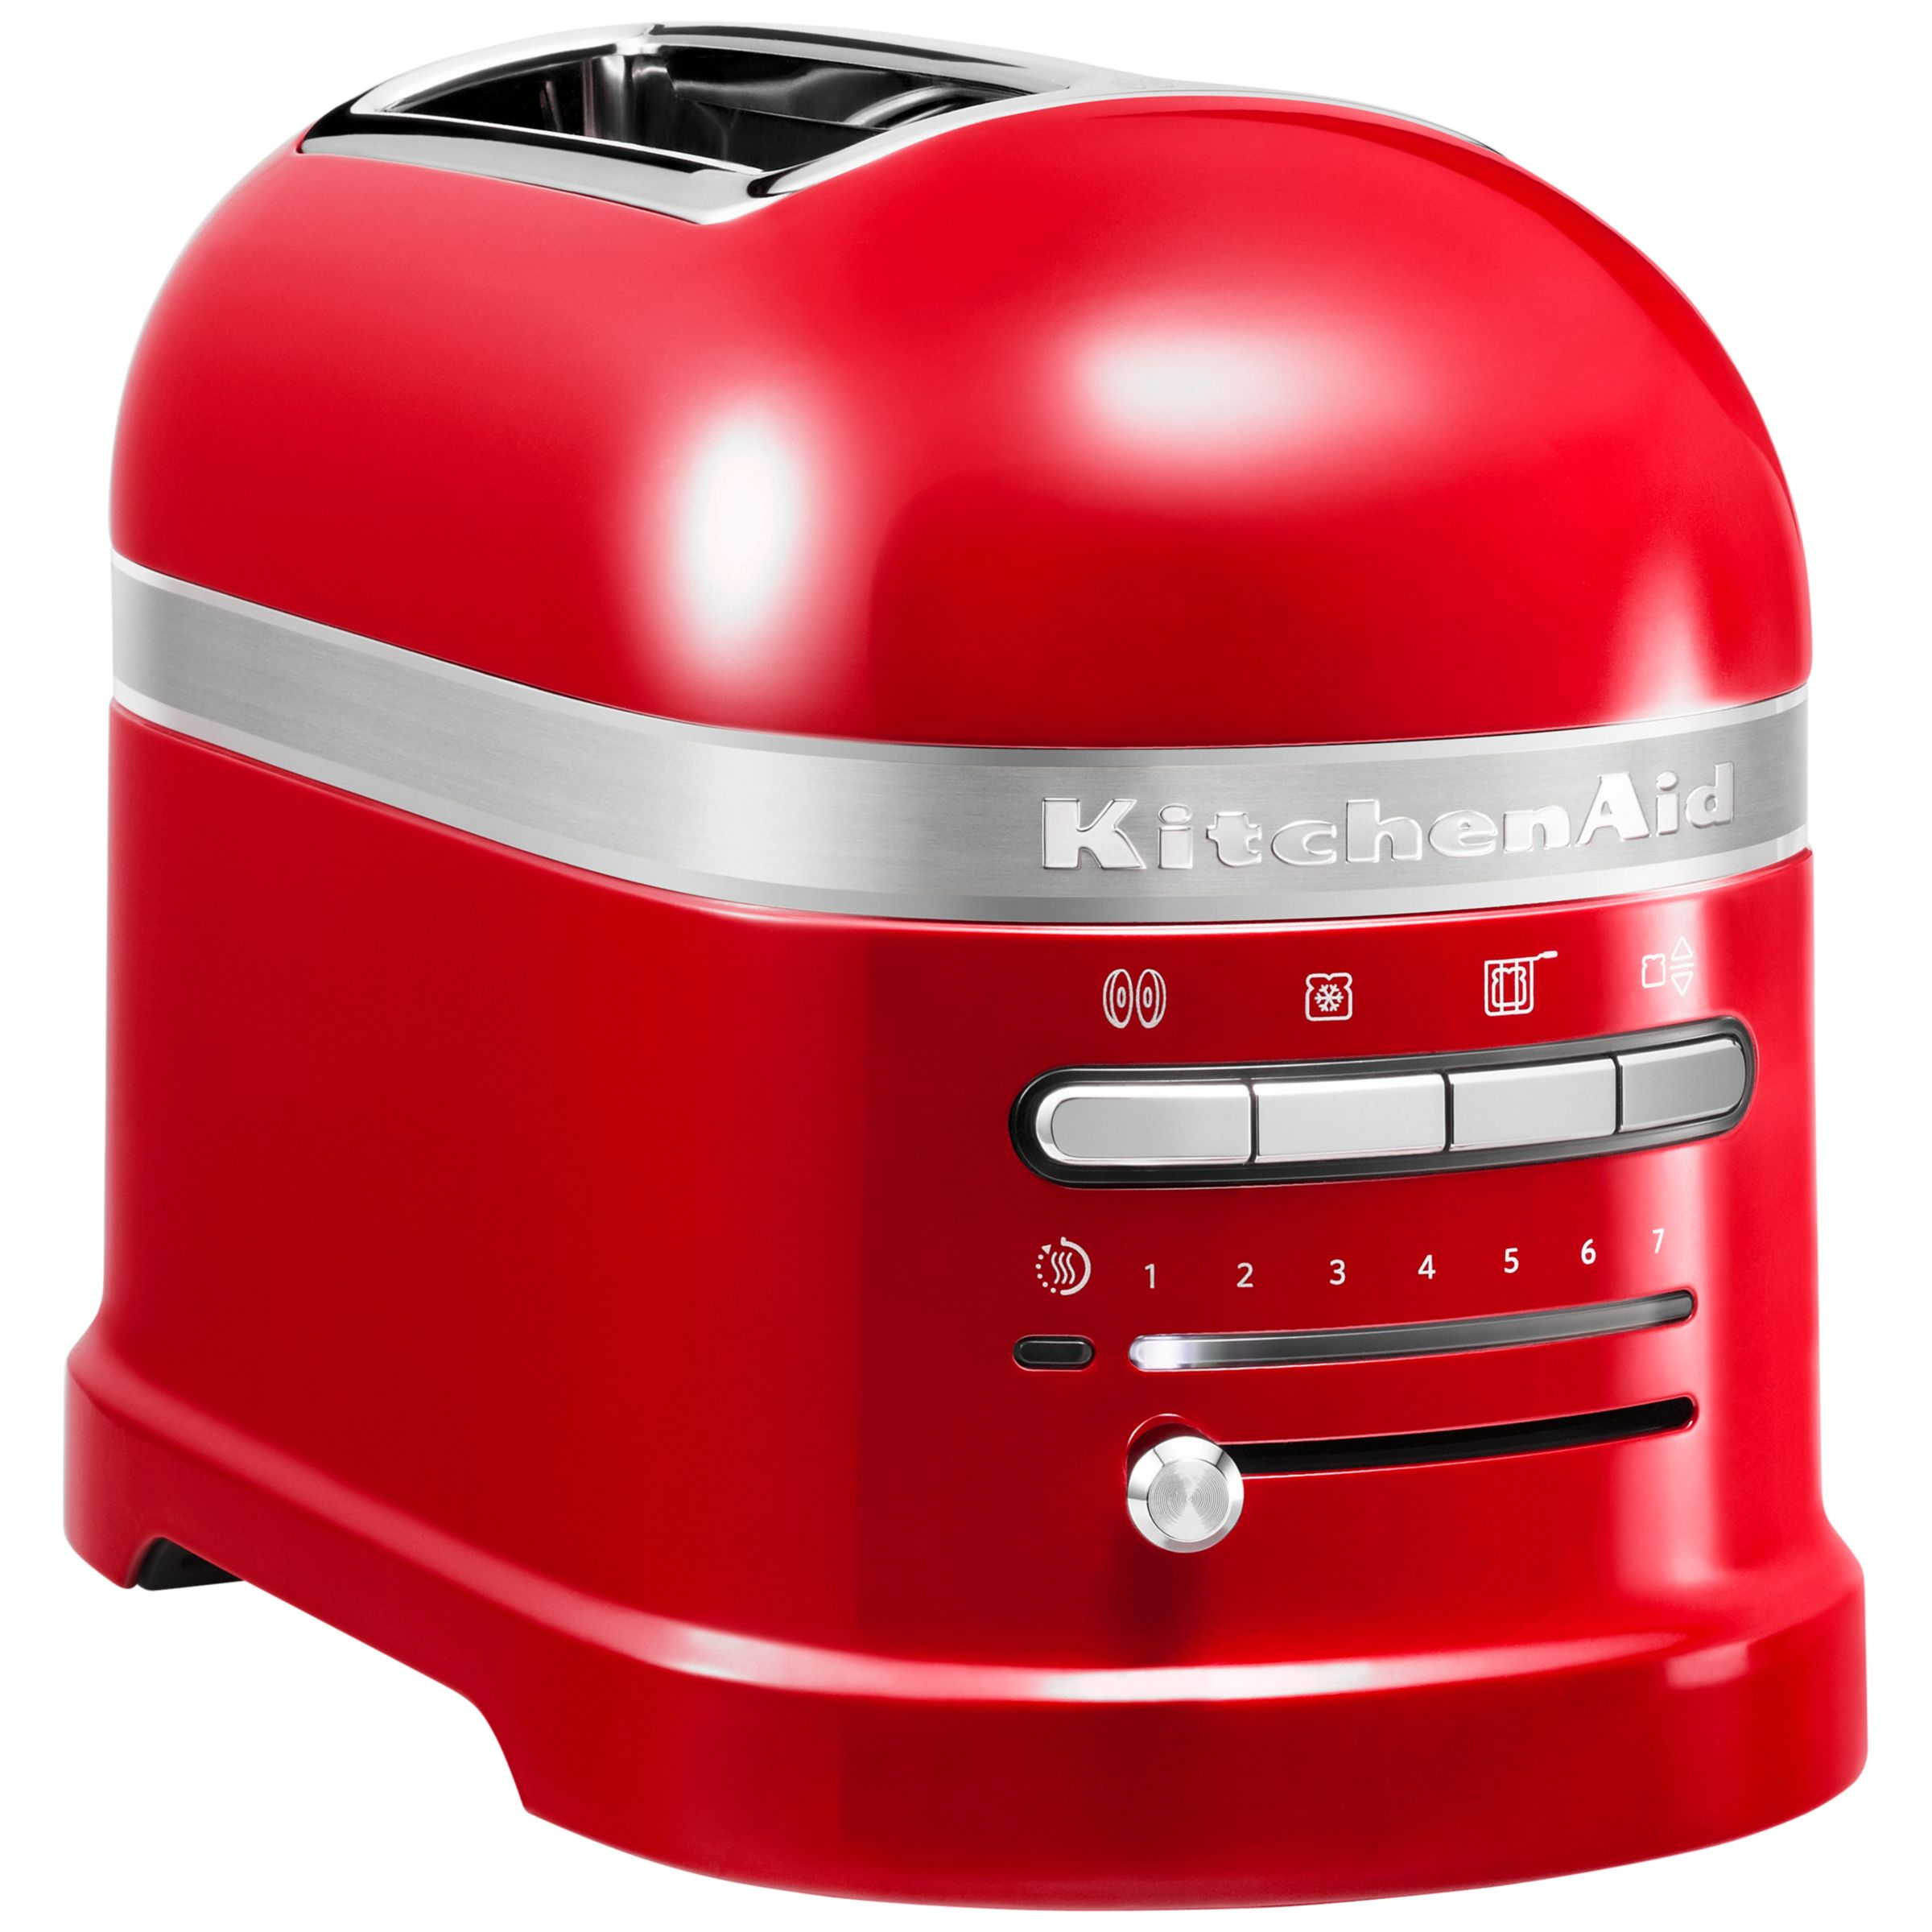 KitchenAid KitchenAid Artisan 2-Slice Toaster